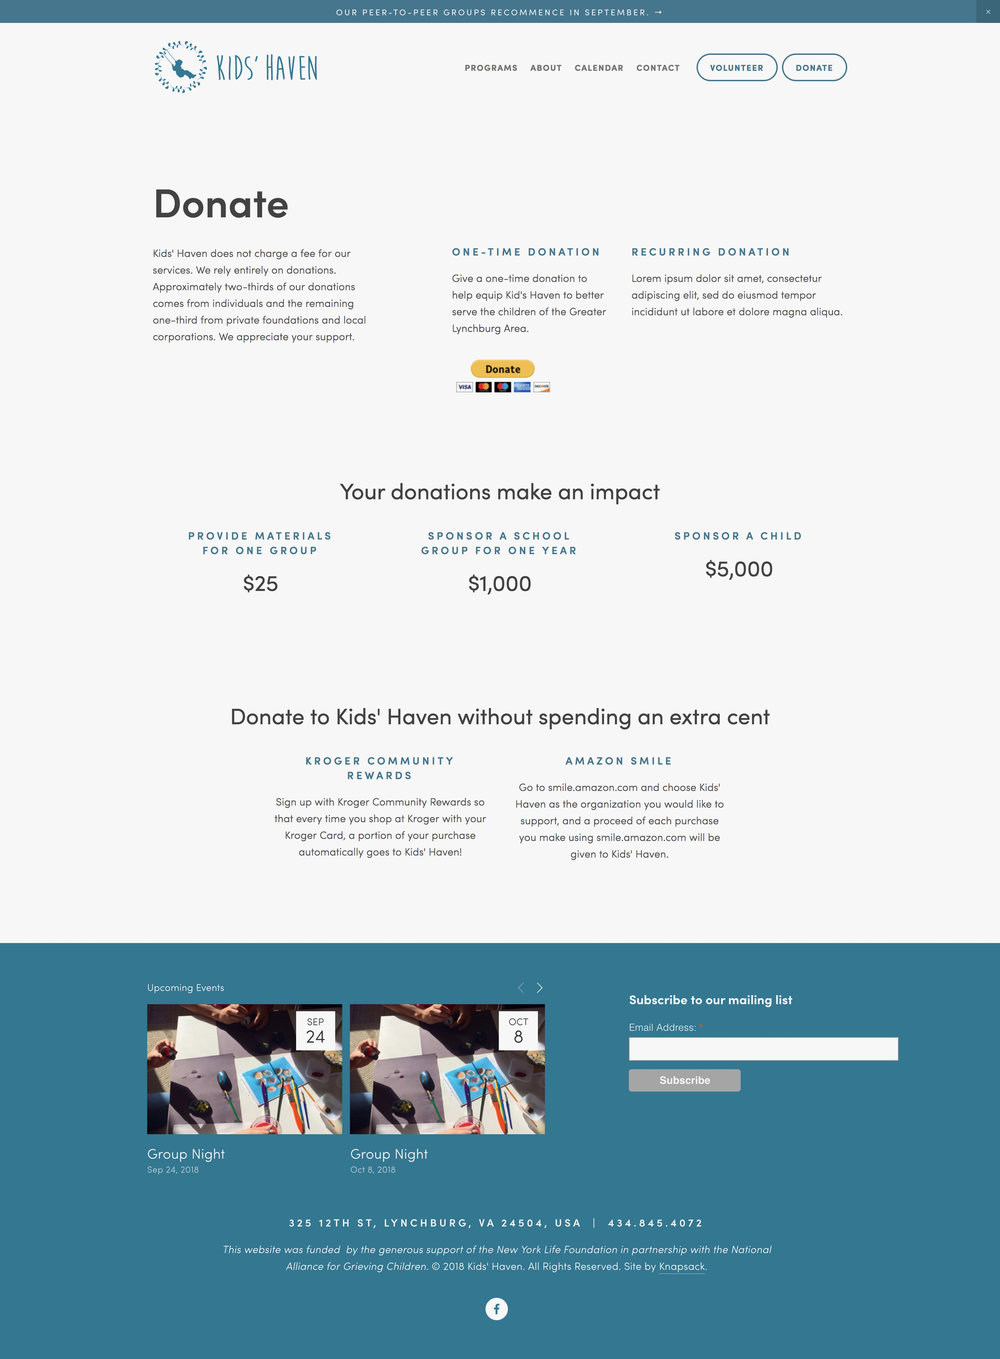 Kids-Haven-Donate-Macbook-Overlay.jpg